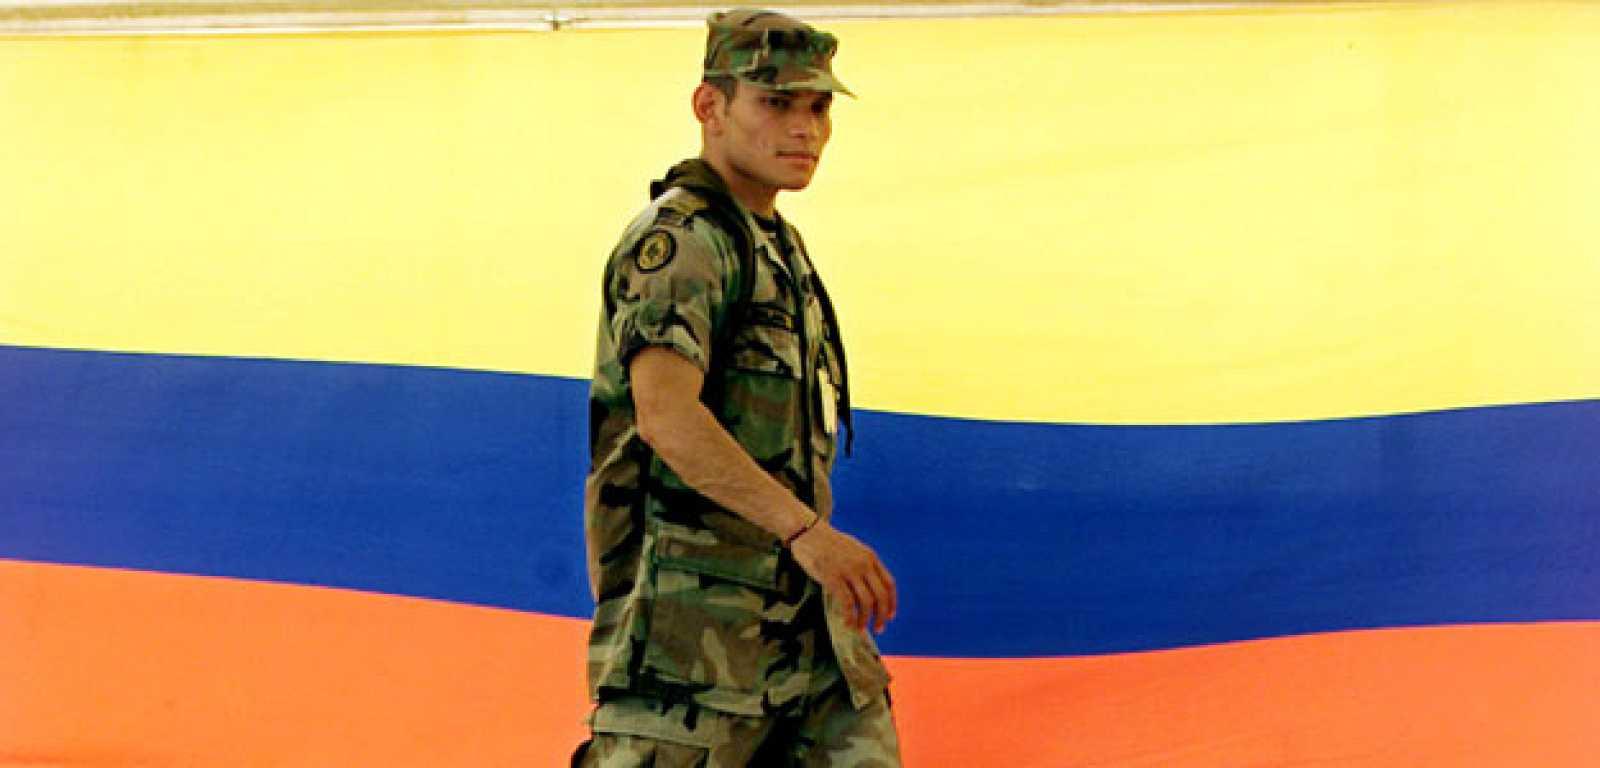 Un soldado colombiano pasa por delante de una gran bandera del país.